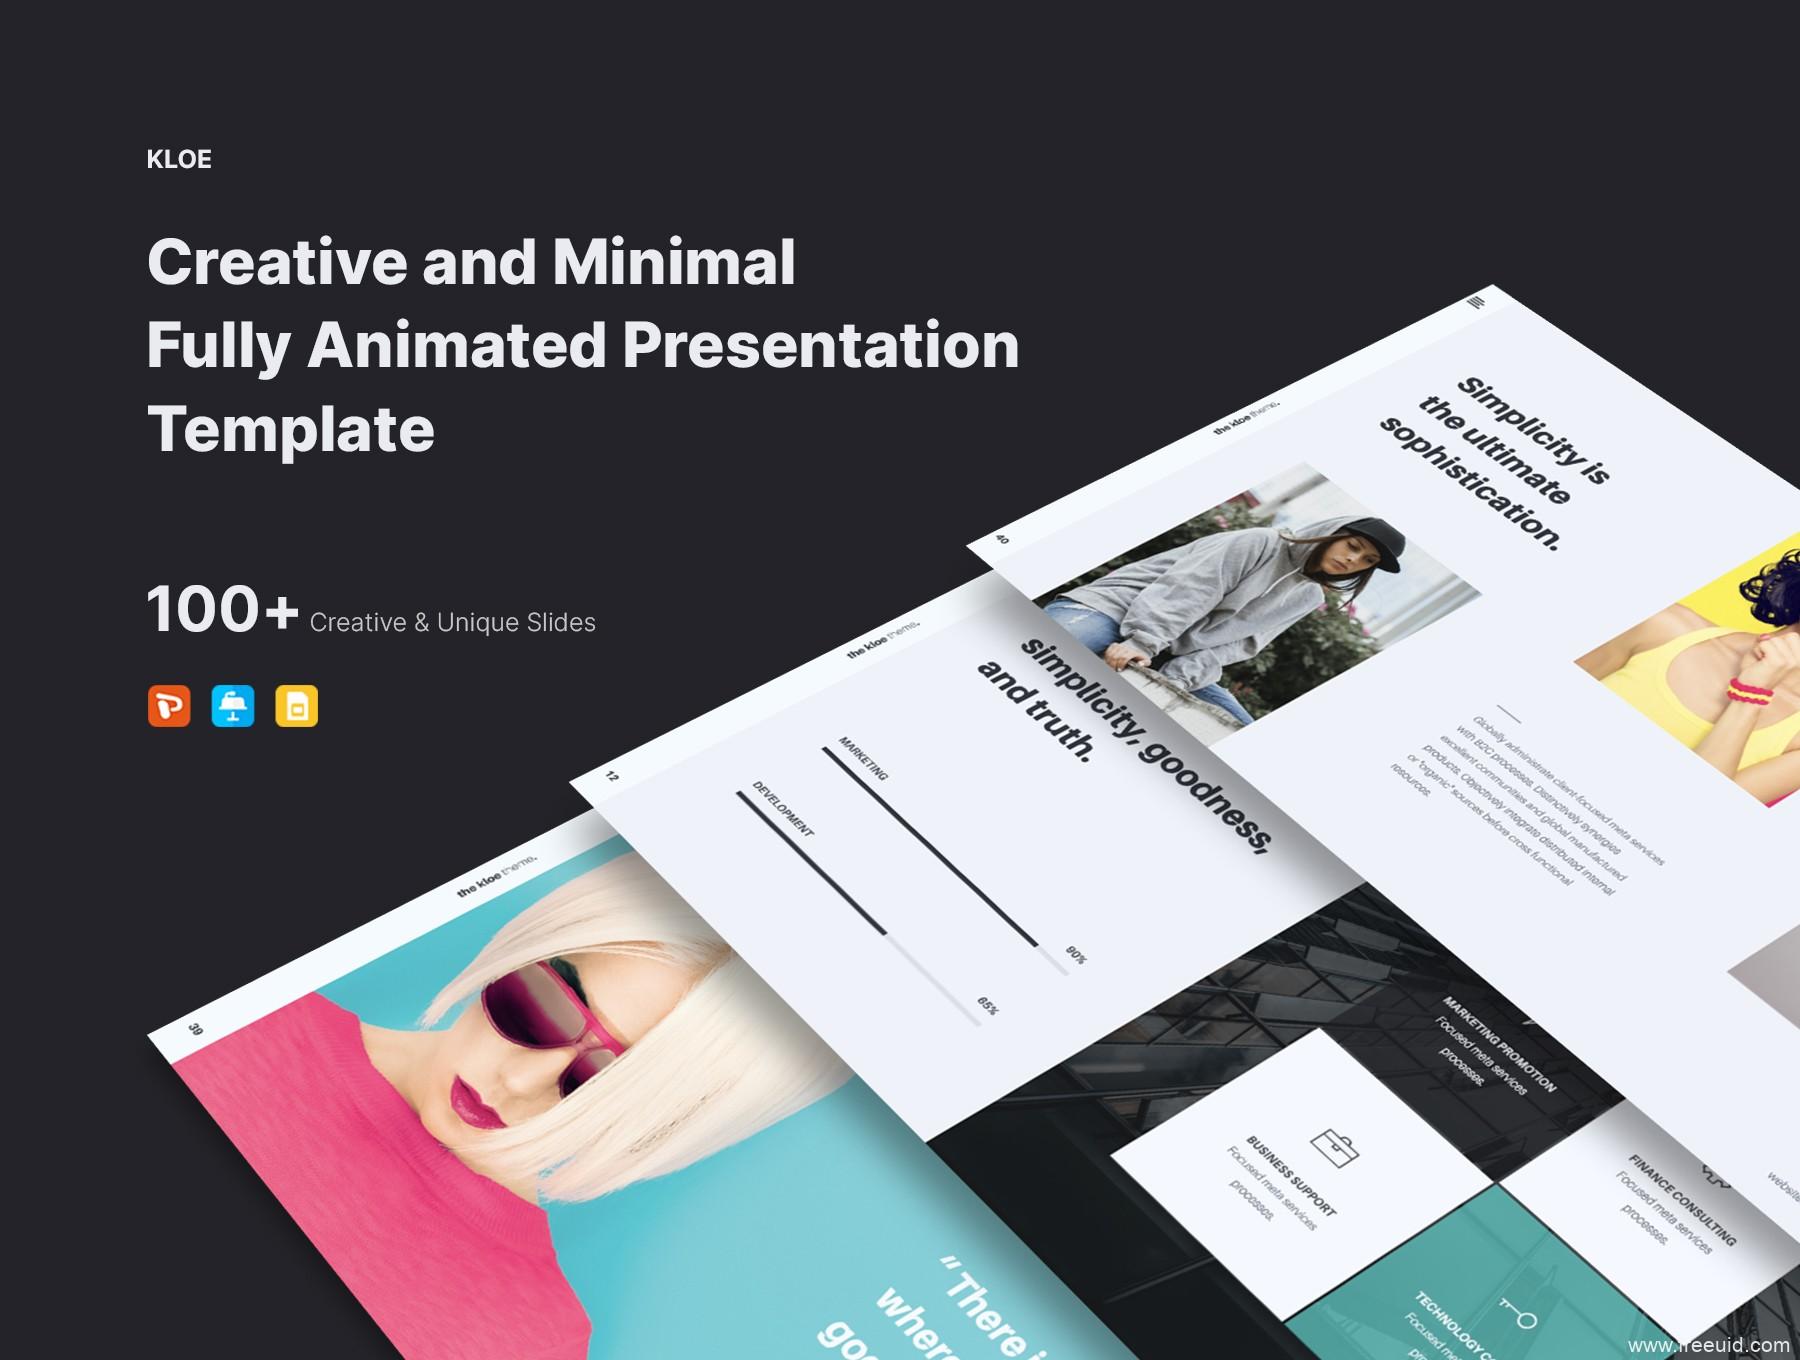 整套极简主义作品集包装展示ppt模版、设计师作品展示幻灯片、小清新总结汇报策划书模版下载